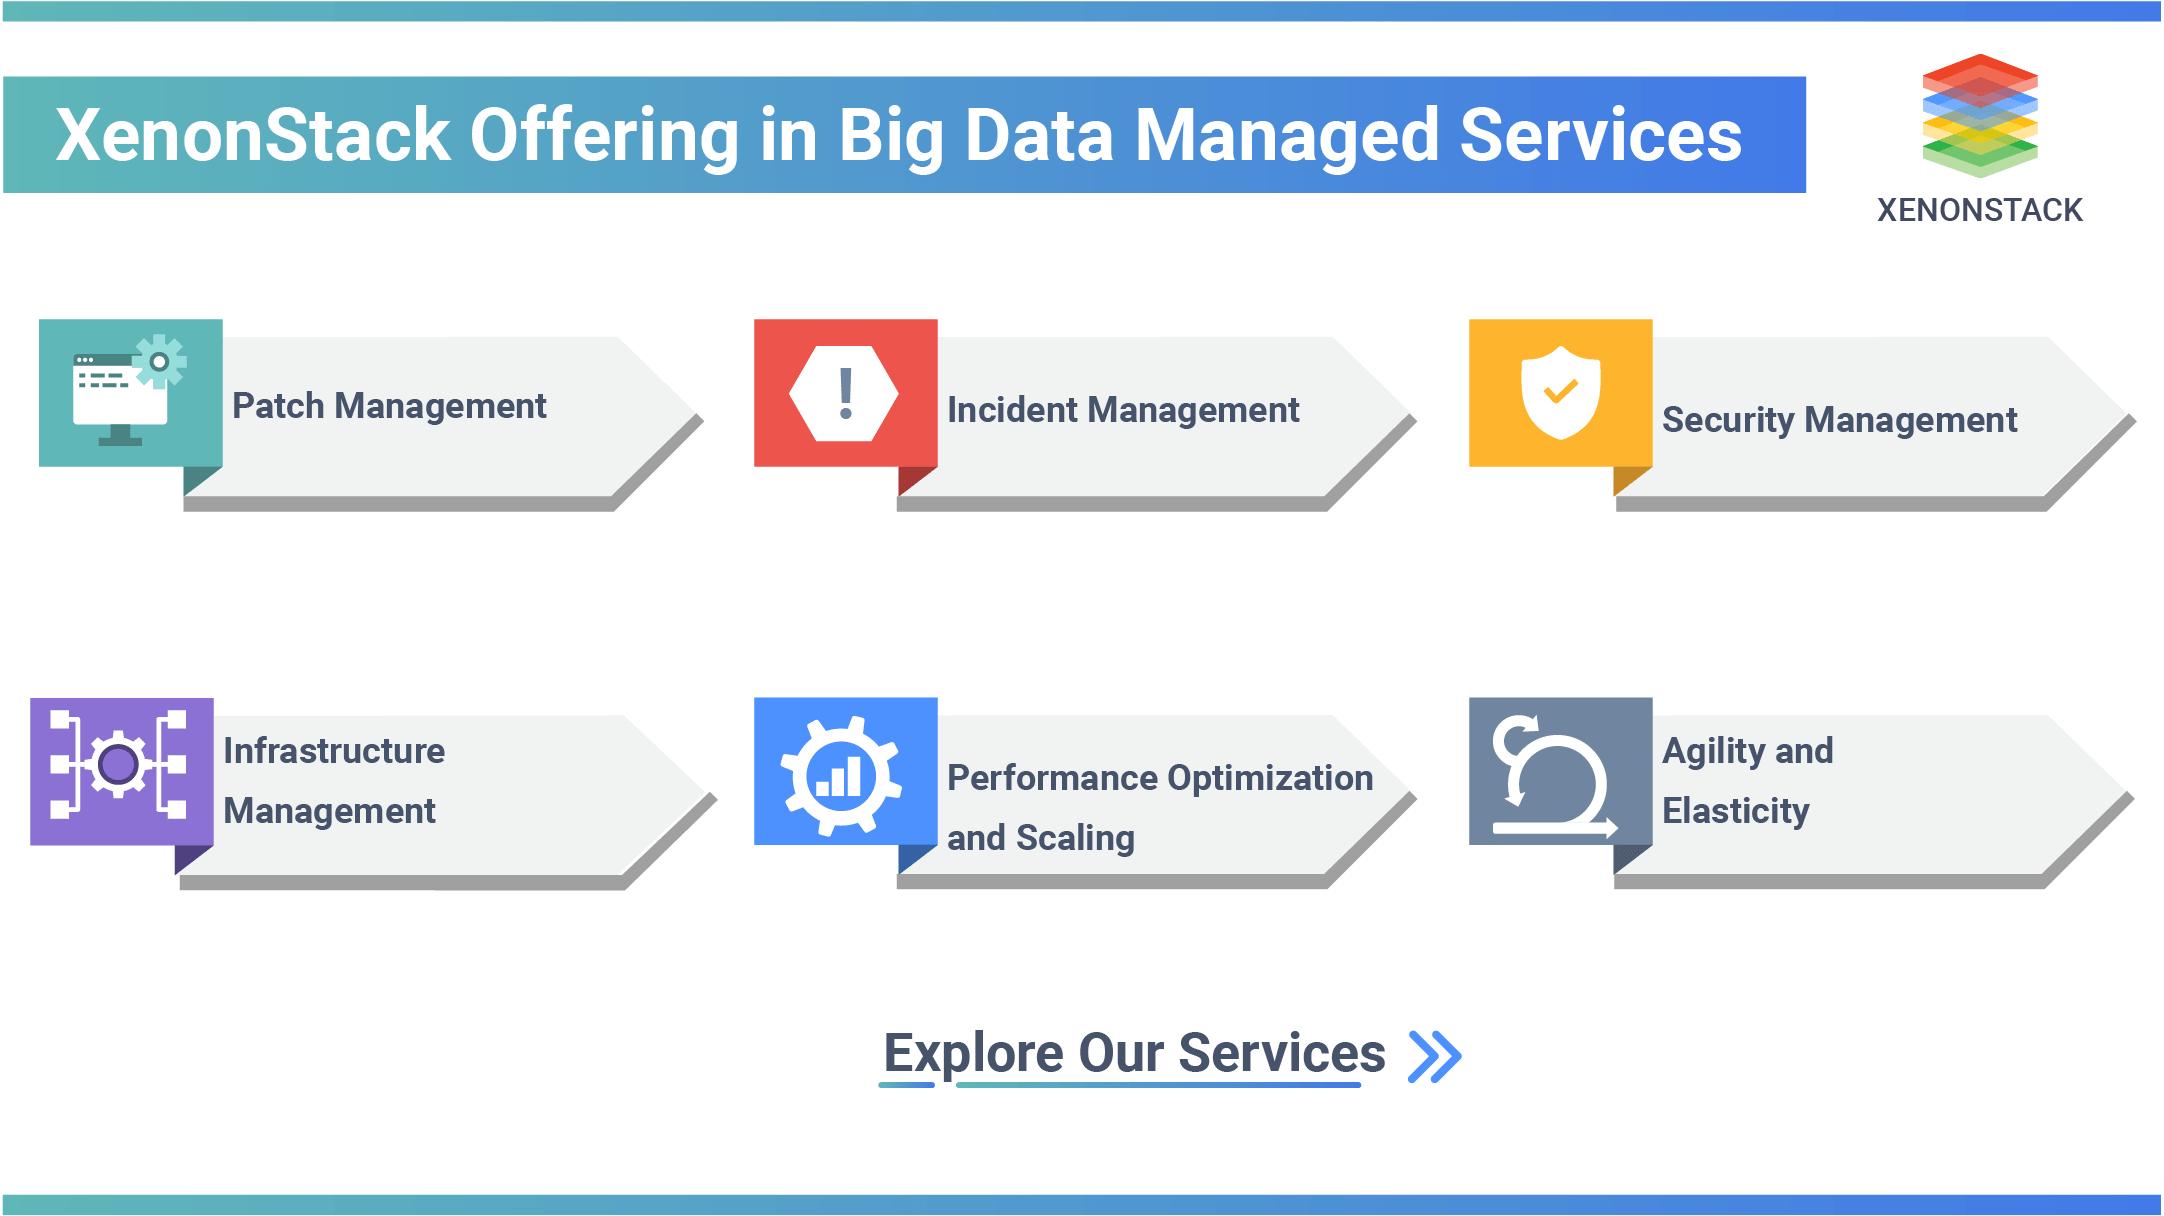 XenonStack bigdata managed service